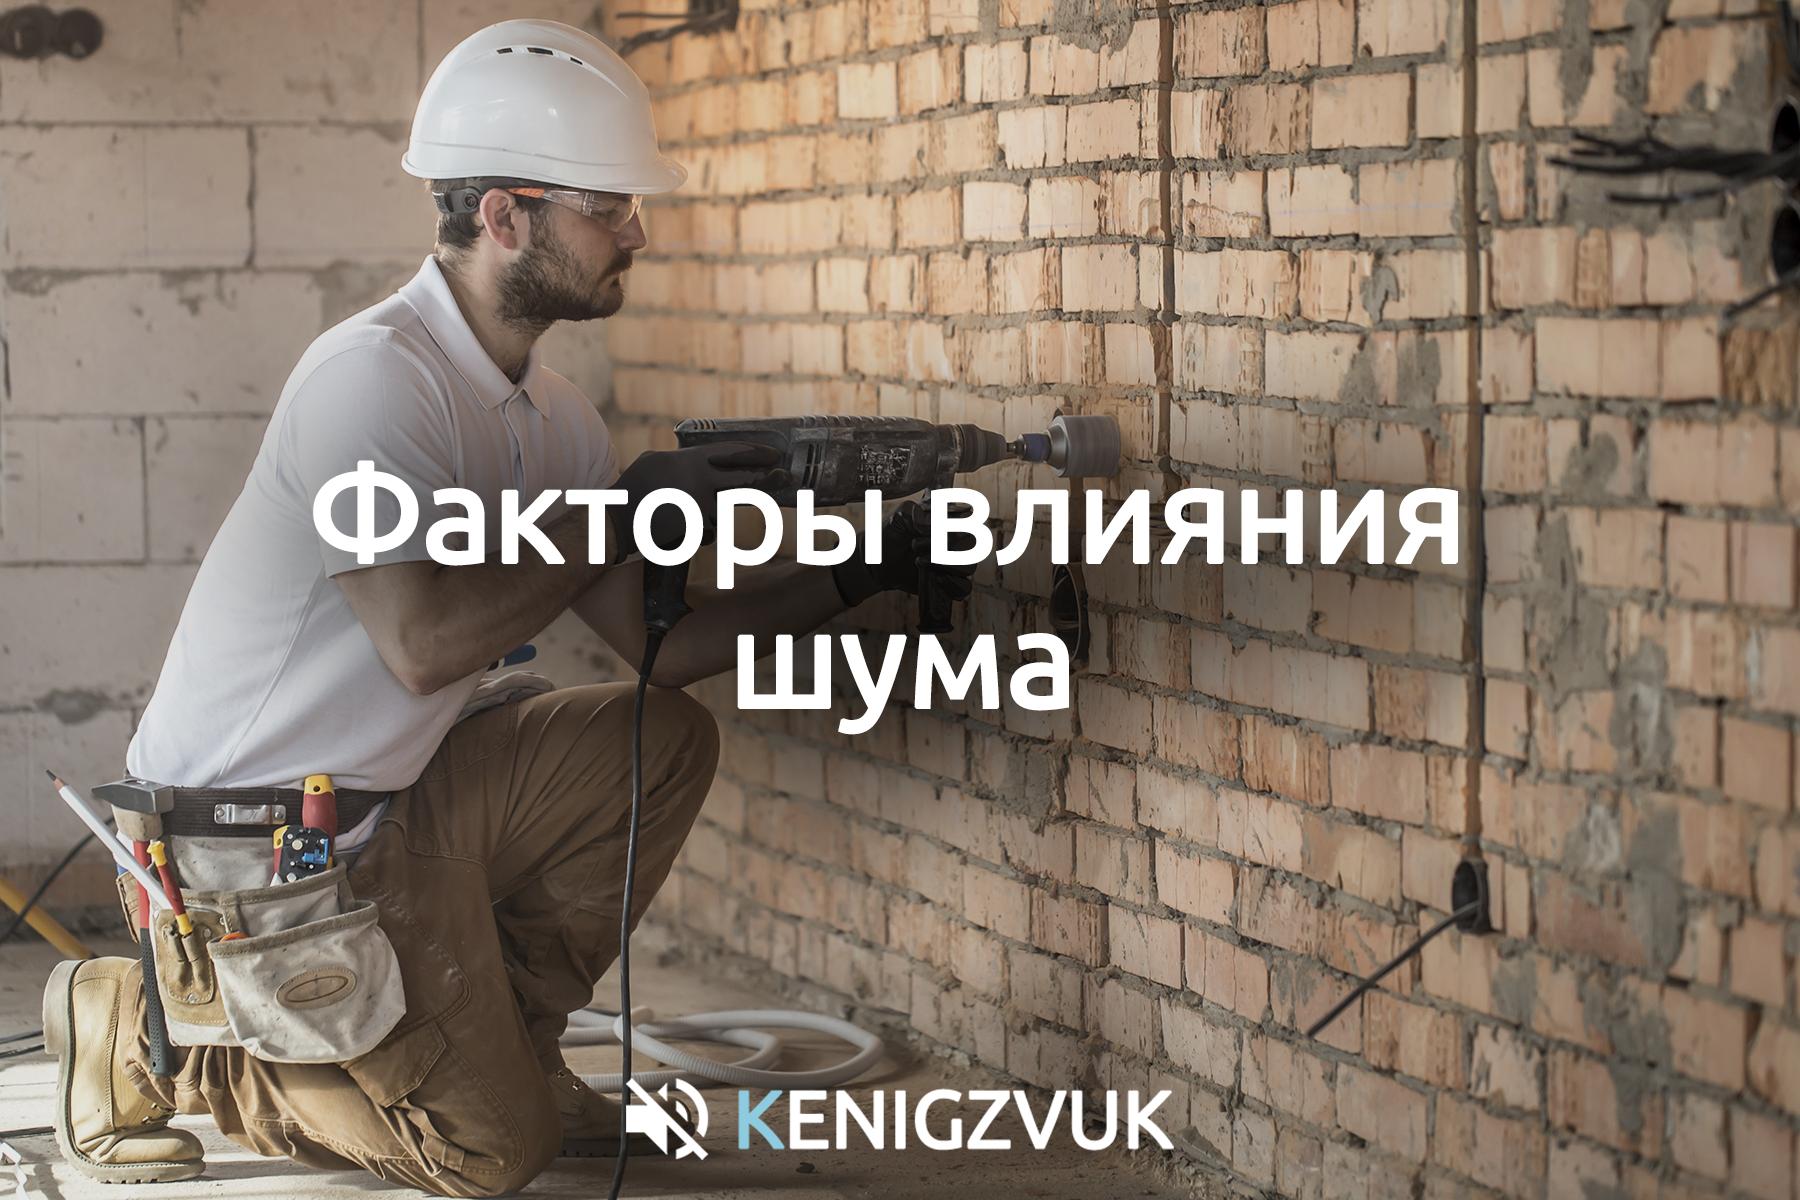 KenigZvuk | Звукоизоляция Калининград - Факторы влияния шума